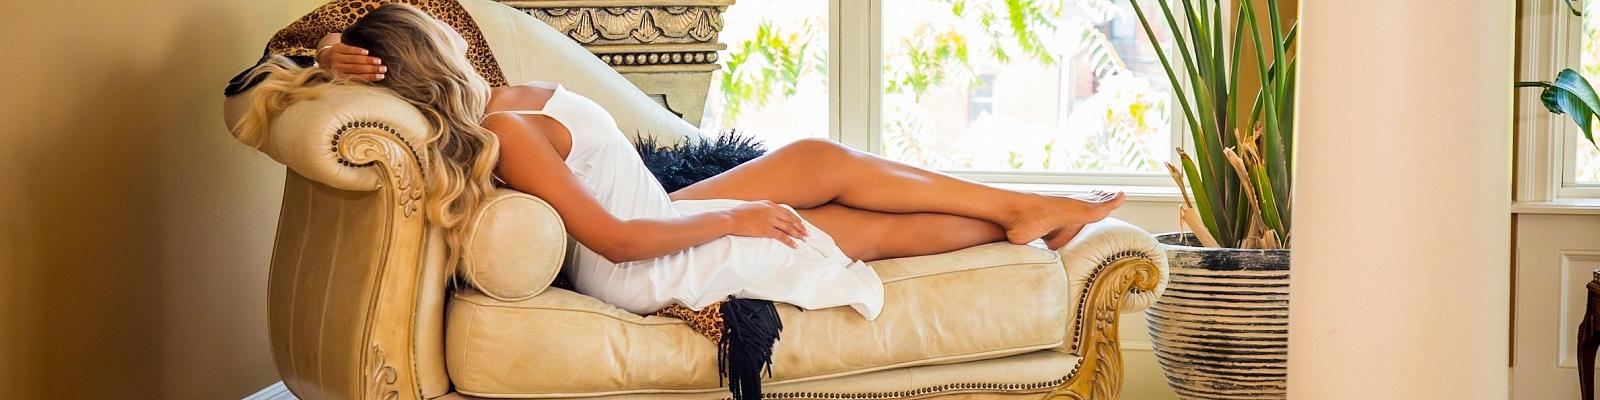 Sienna Summer Escort